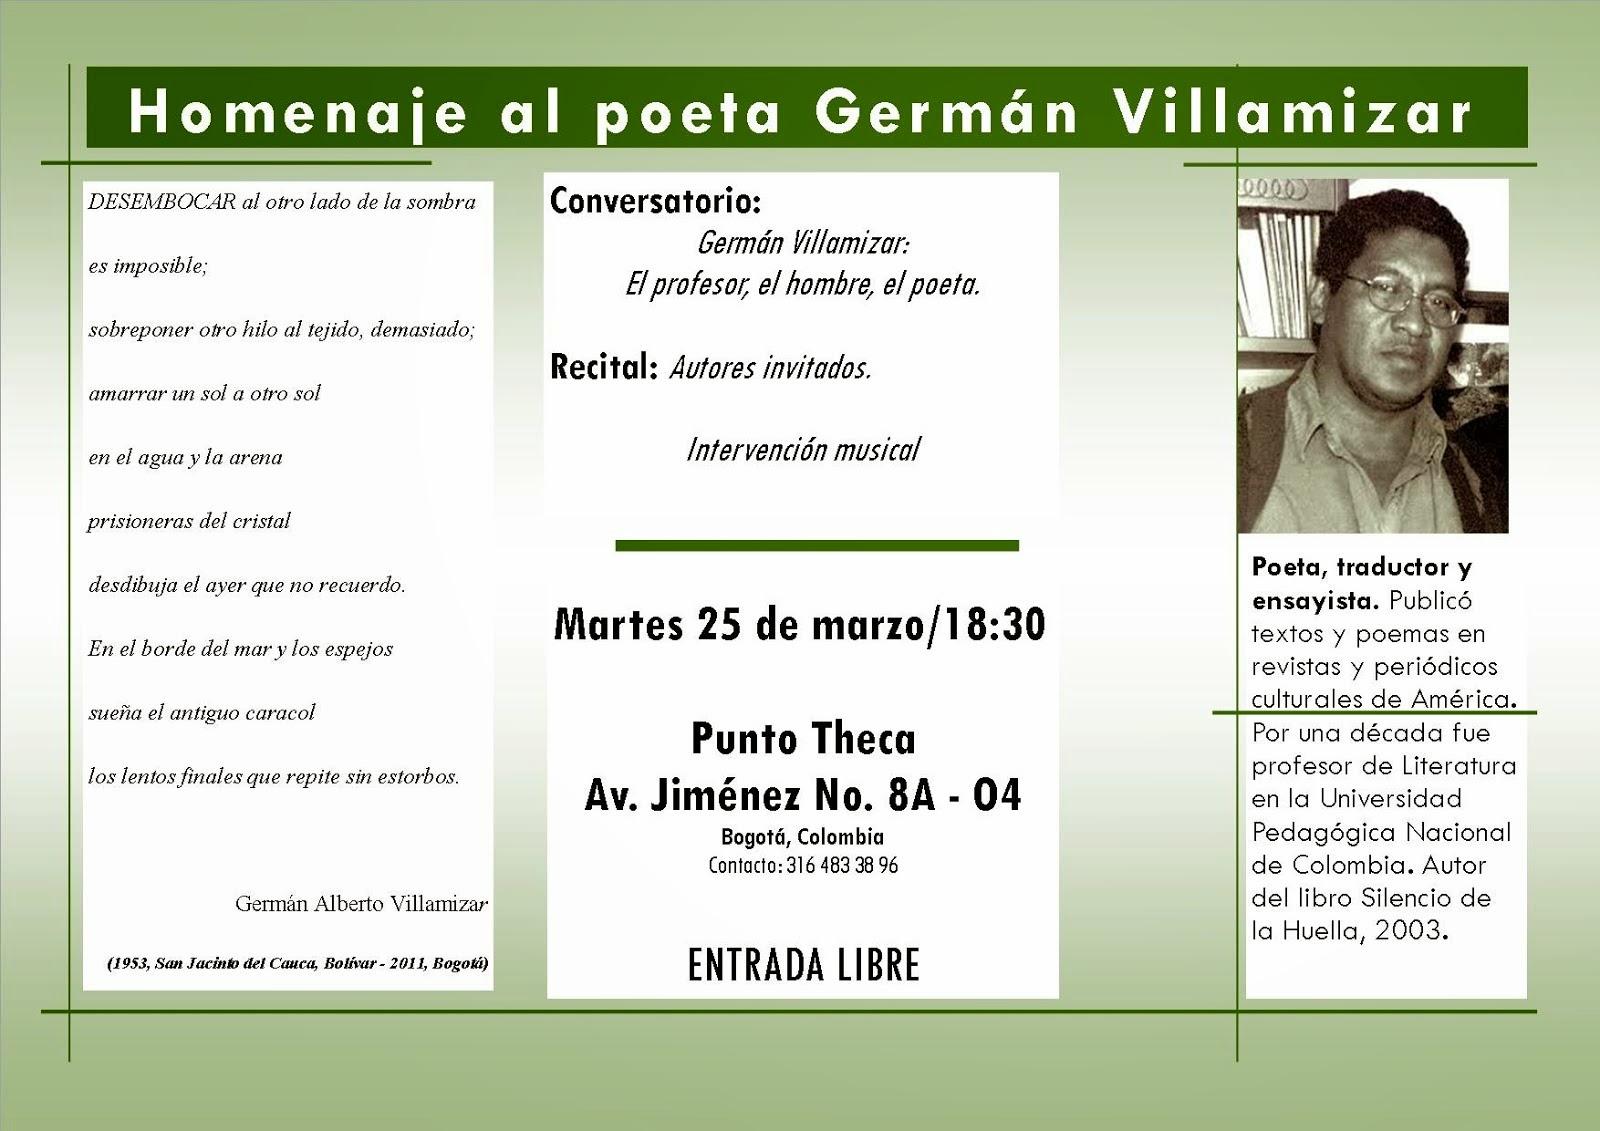 Homenaje al poeta Germán Villamizar